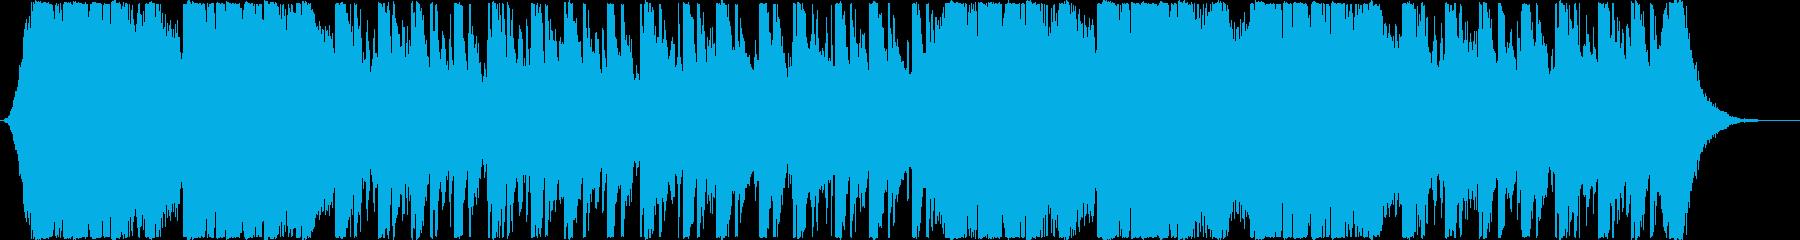 パンチの効いたオープニング/映画・ゲームの再生済みの波形